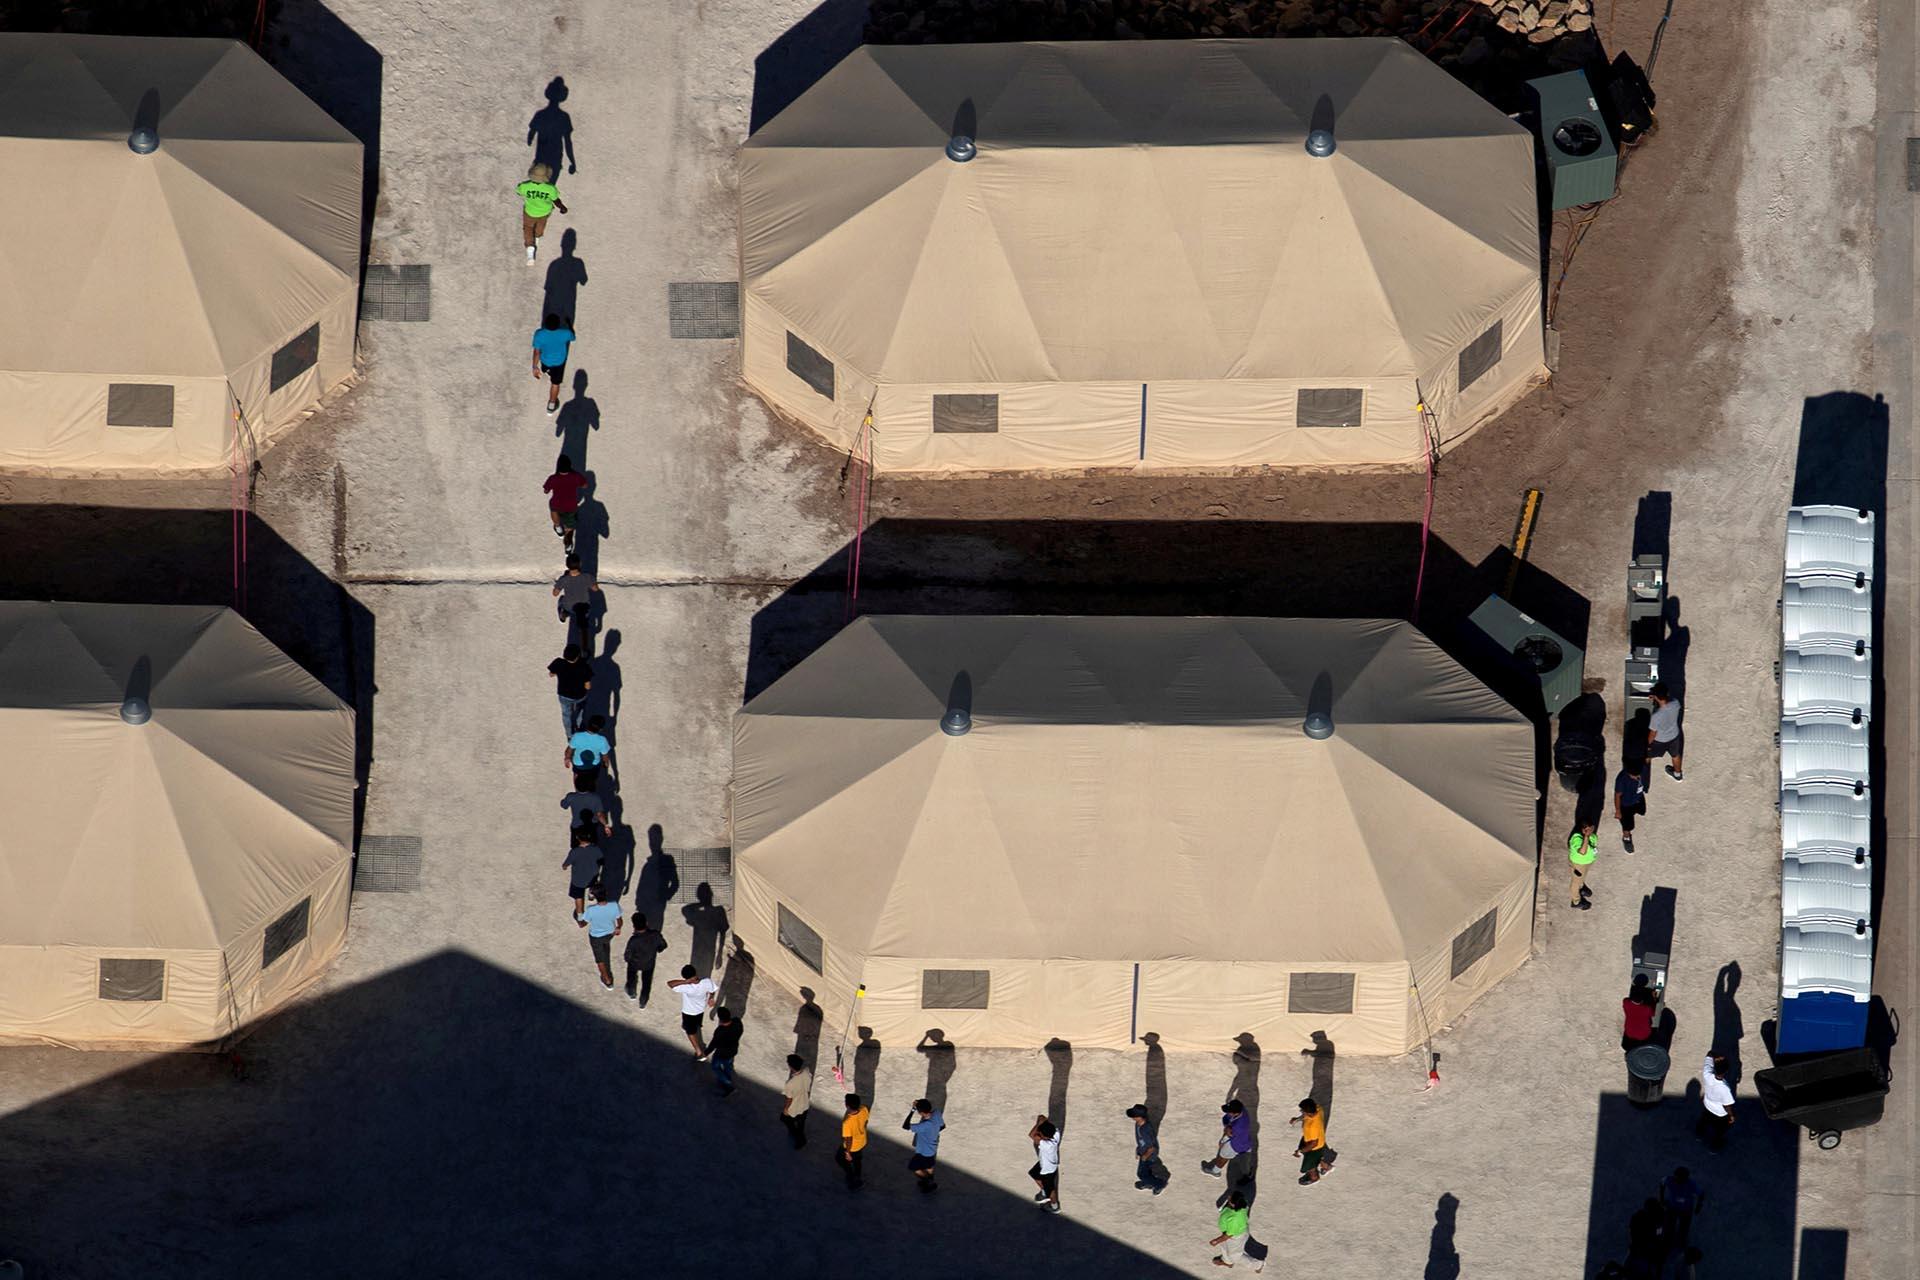 Niños inmigrantes separados de sus padres, tras ser capturados intentando entrar ilegalmente en Estados Unidos, caminan en un campo ubicado en Tornillo, Texas, cerca de la frontera con México, el 18 de junio (Reuters)